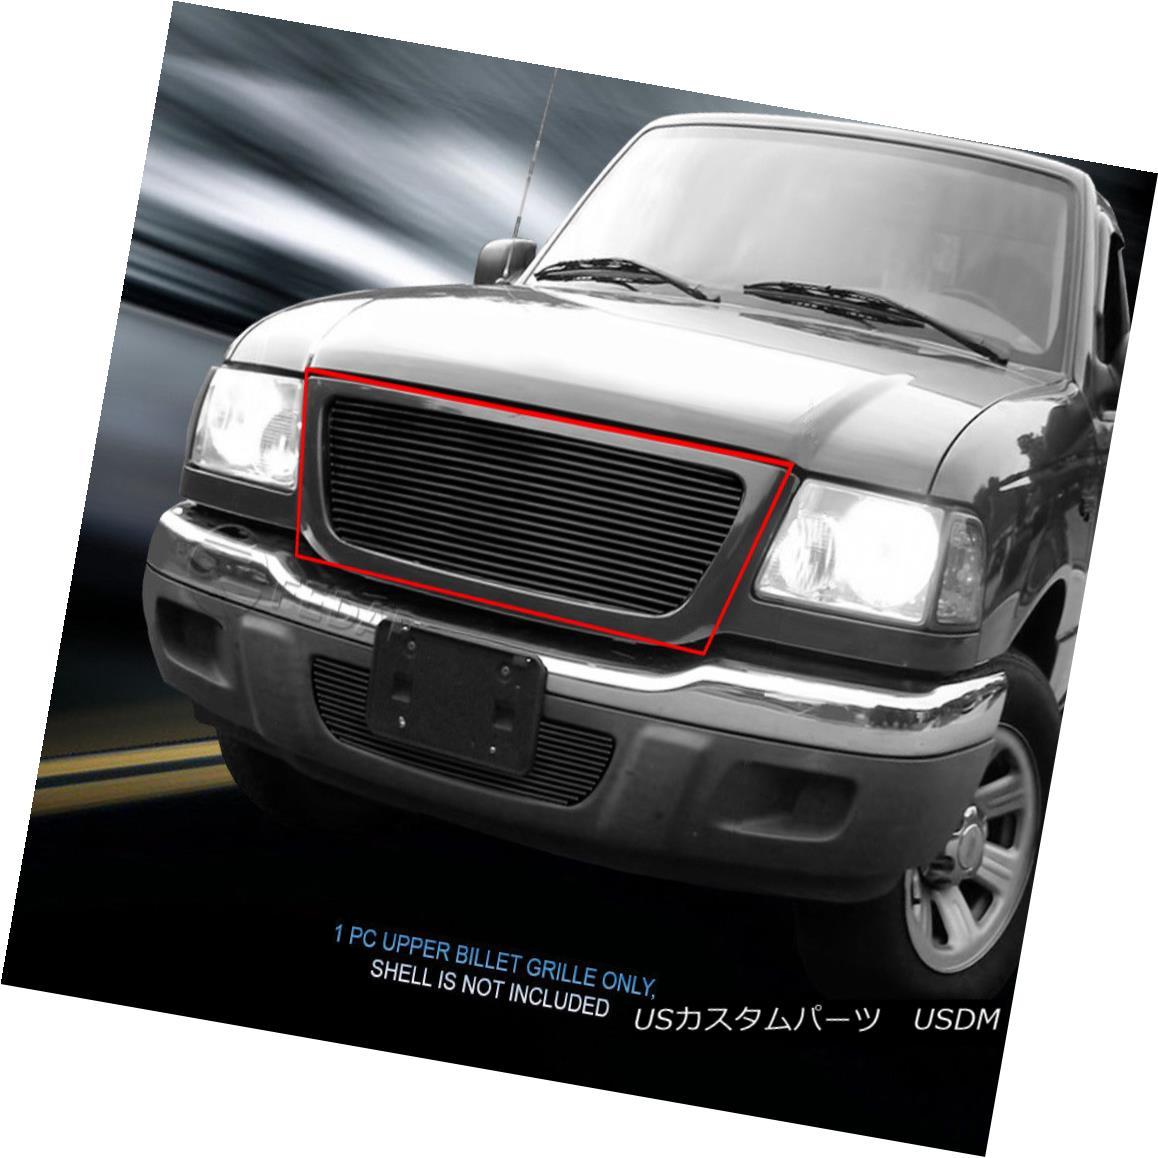 グリル Fits 2001-2003 Ford Ranger 2WD Black Billet Grille Main Upper Grill Insert Fedar フィット2001-2003フォードレンジャー2WDブラックビレットグリルメインアッパーグリルインサートFedar